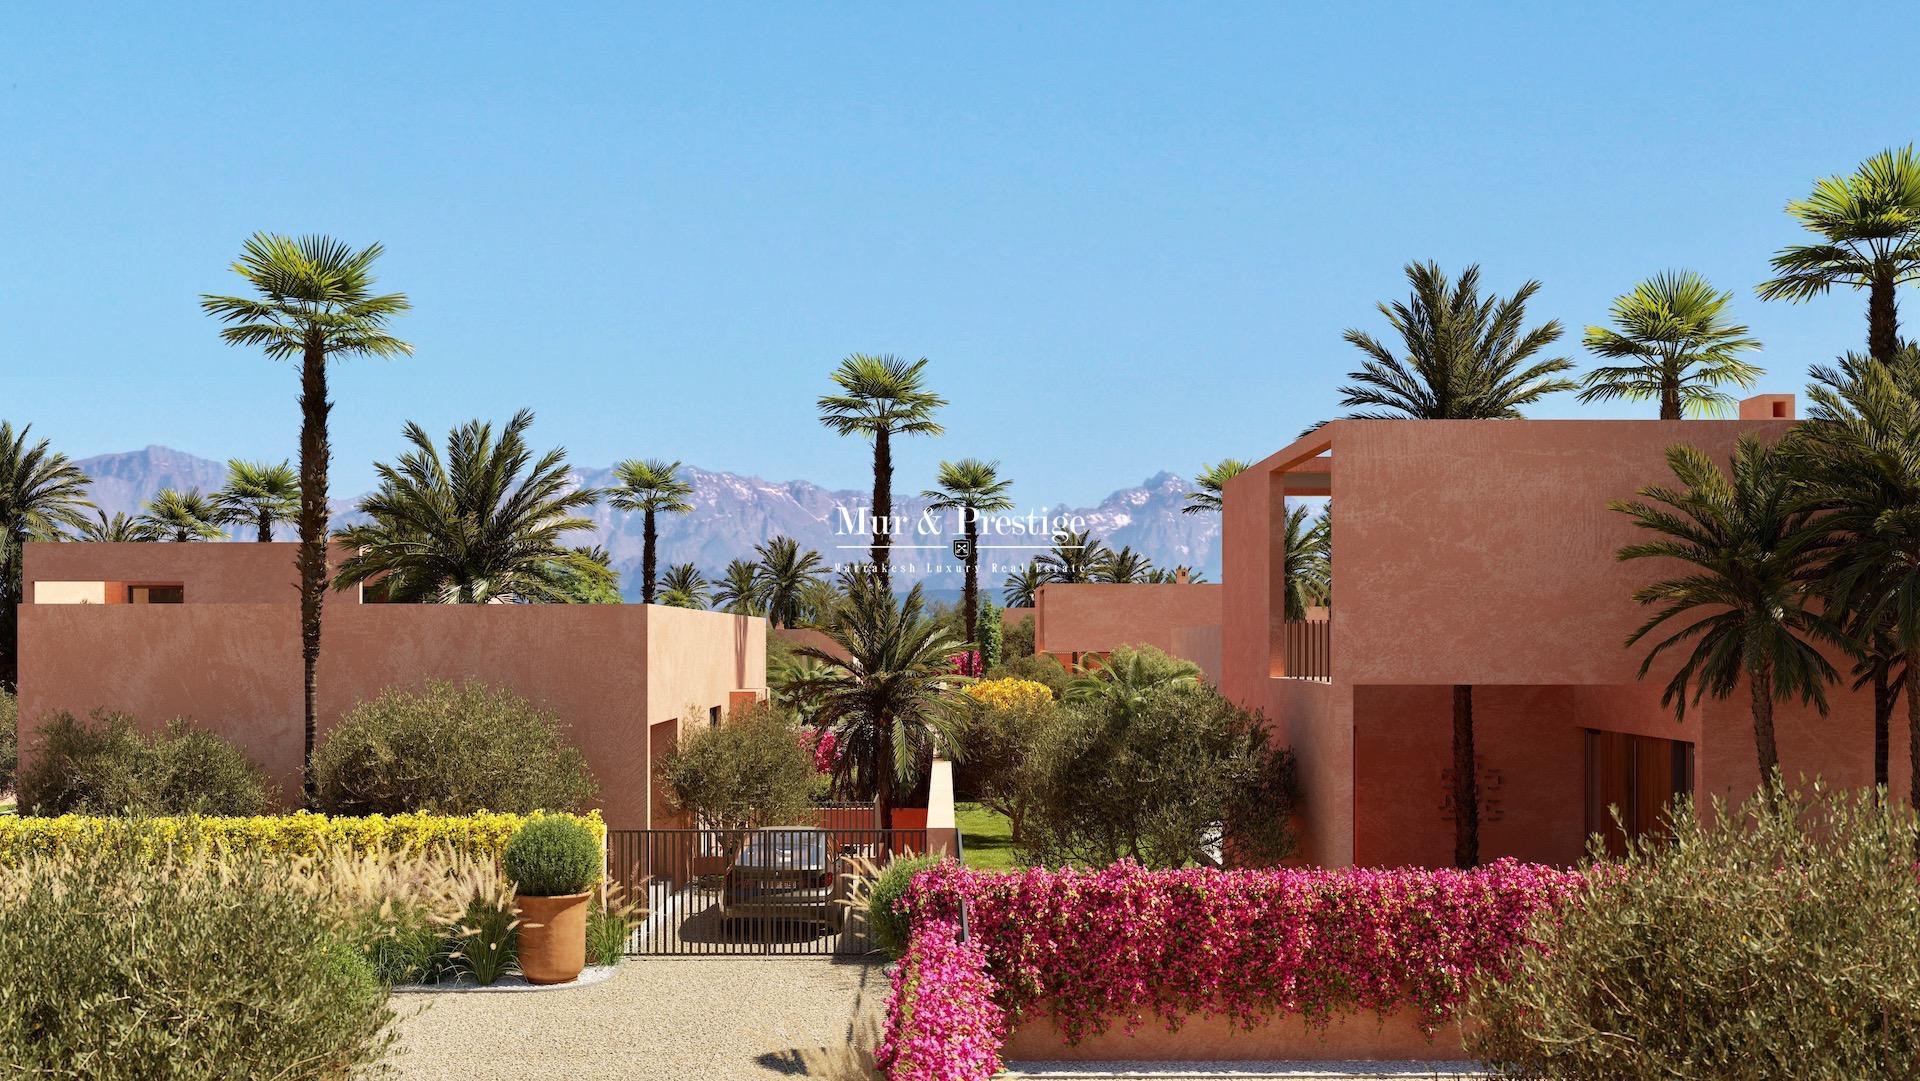 Agence immobilière Marrakech - Maison de plain pied à vendre